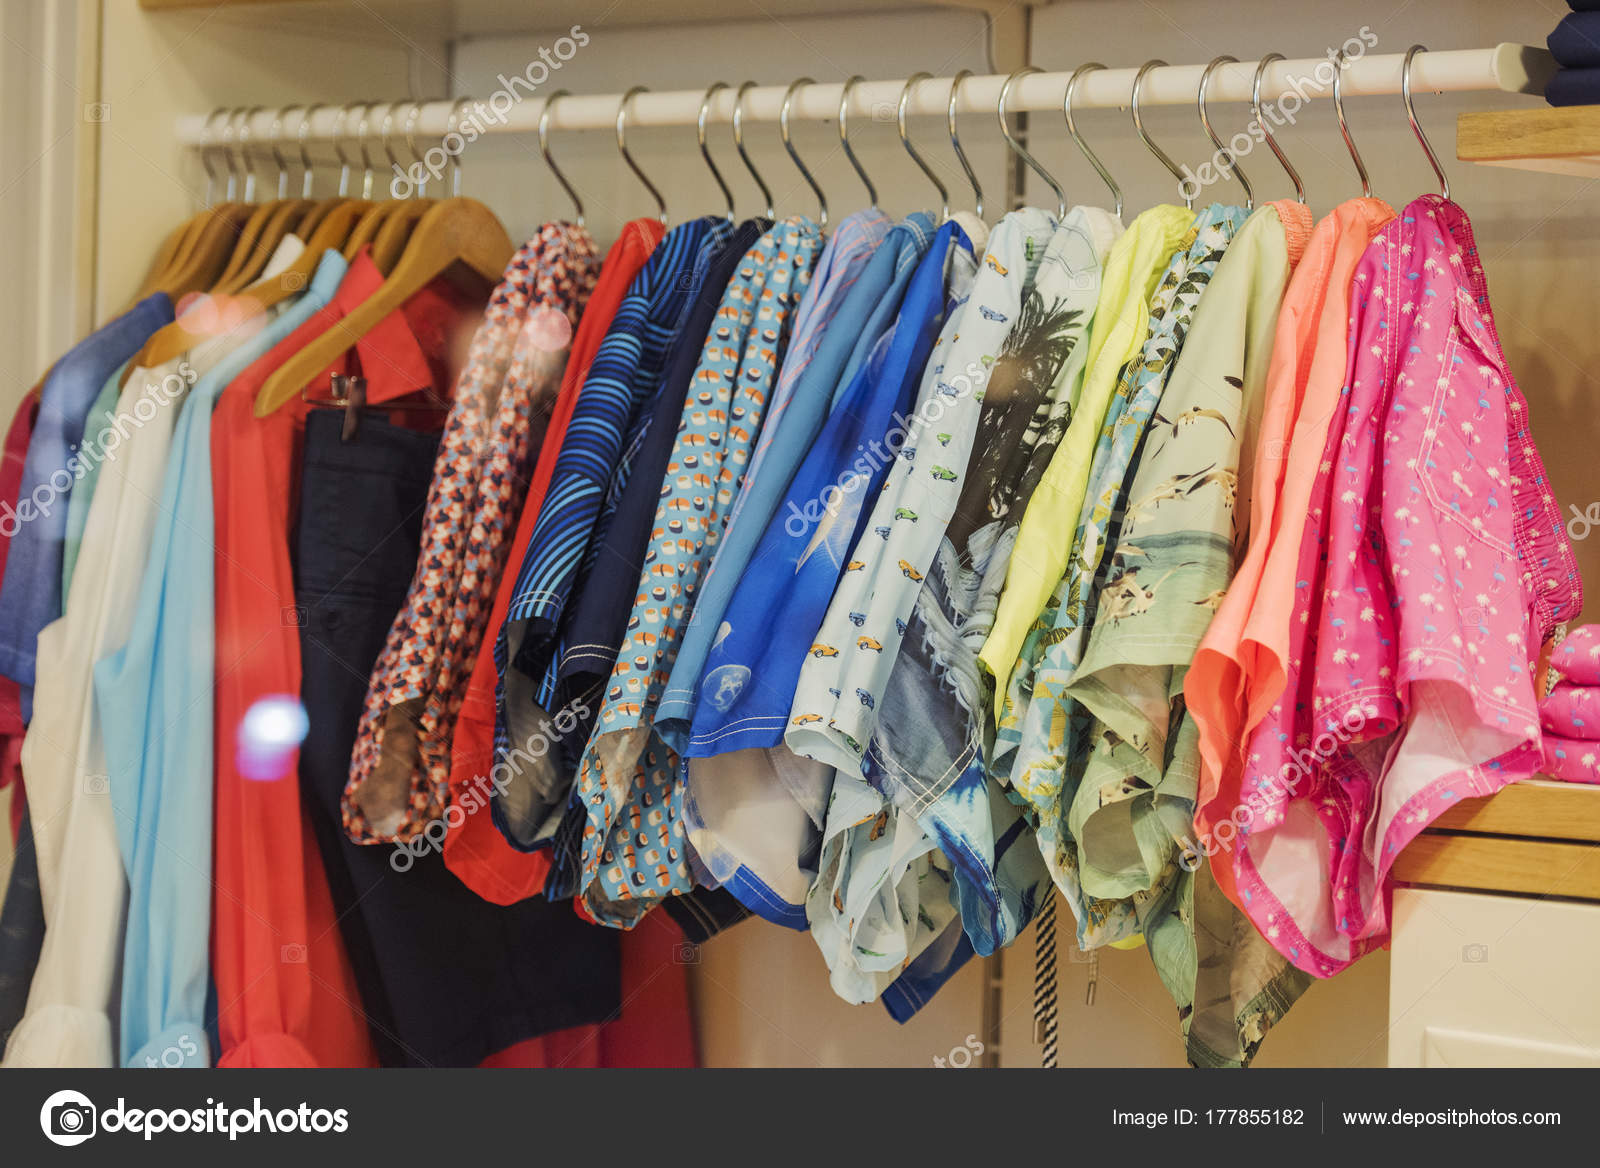 10686251a58 Foulards et vêtements dans un magasin à Paris– images de stock libres de  droits